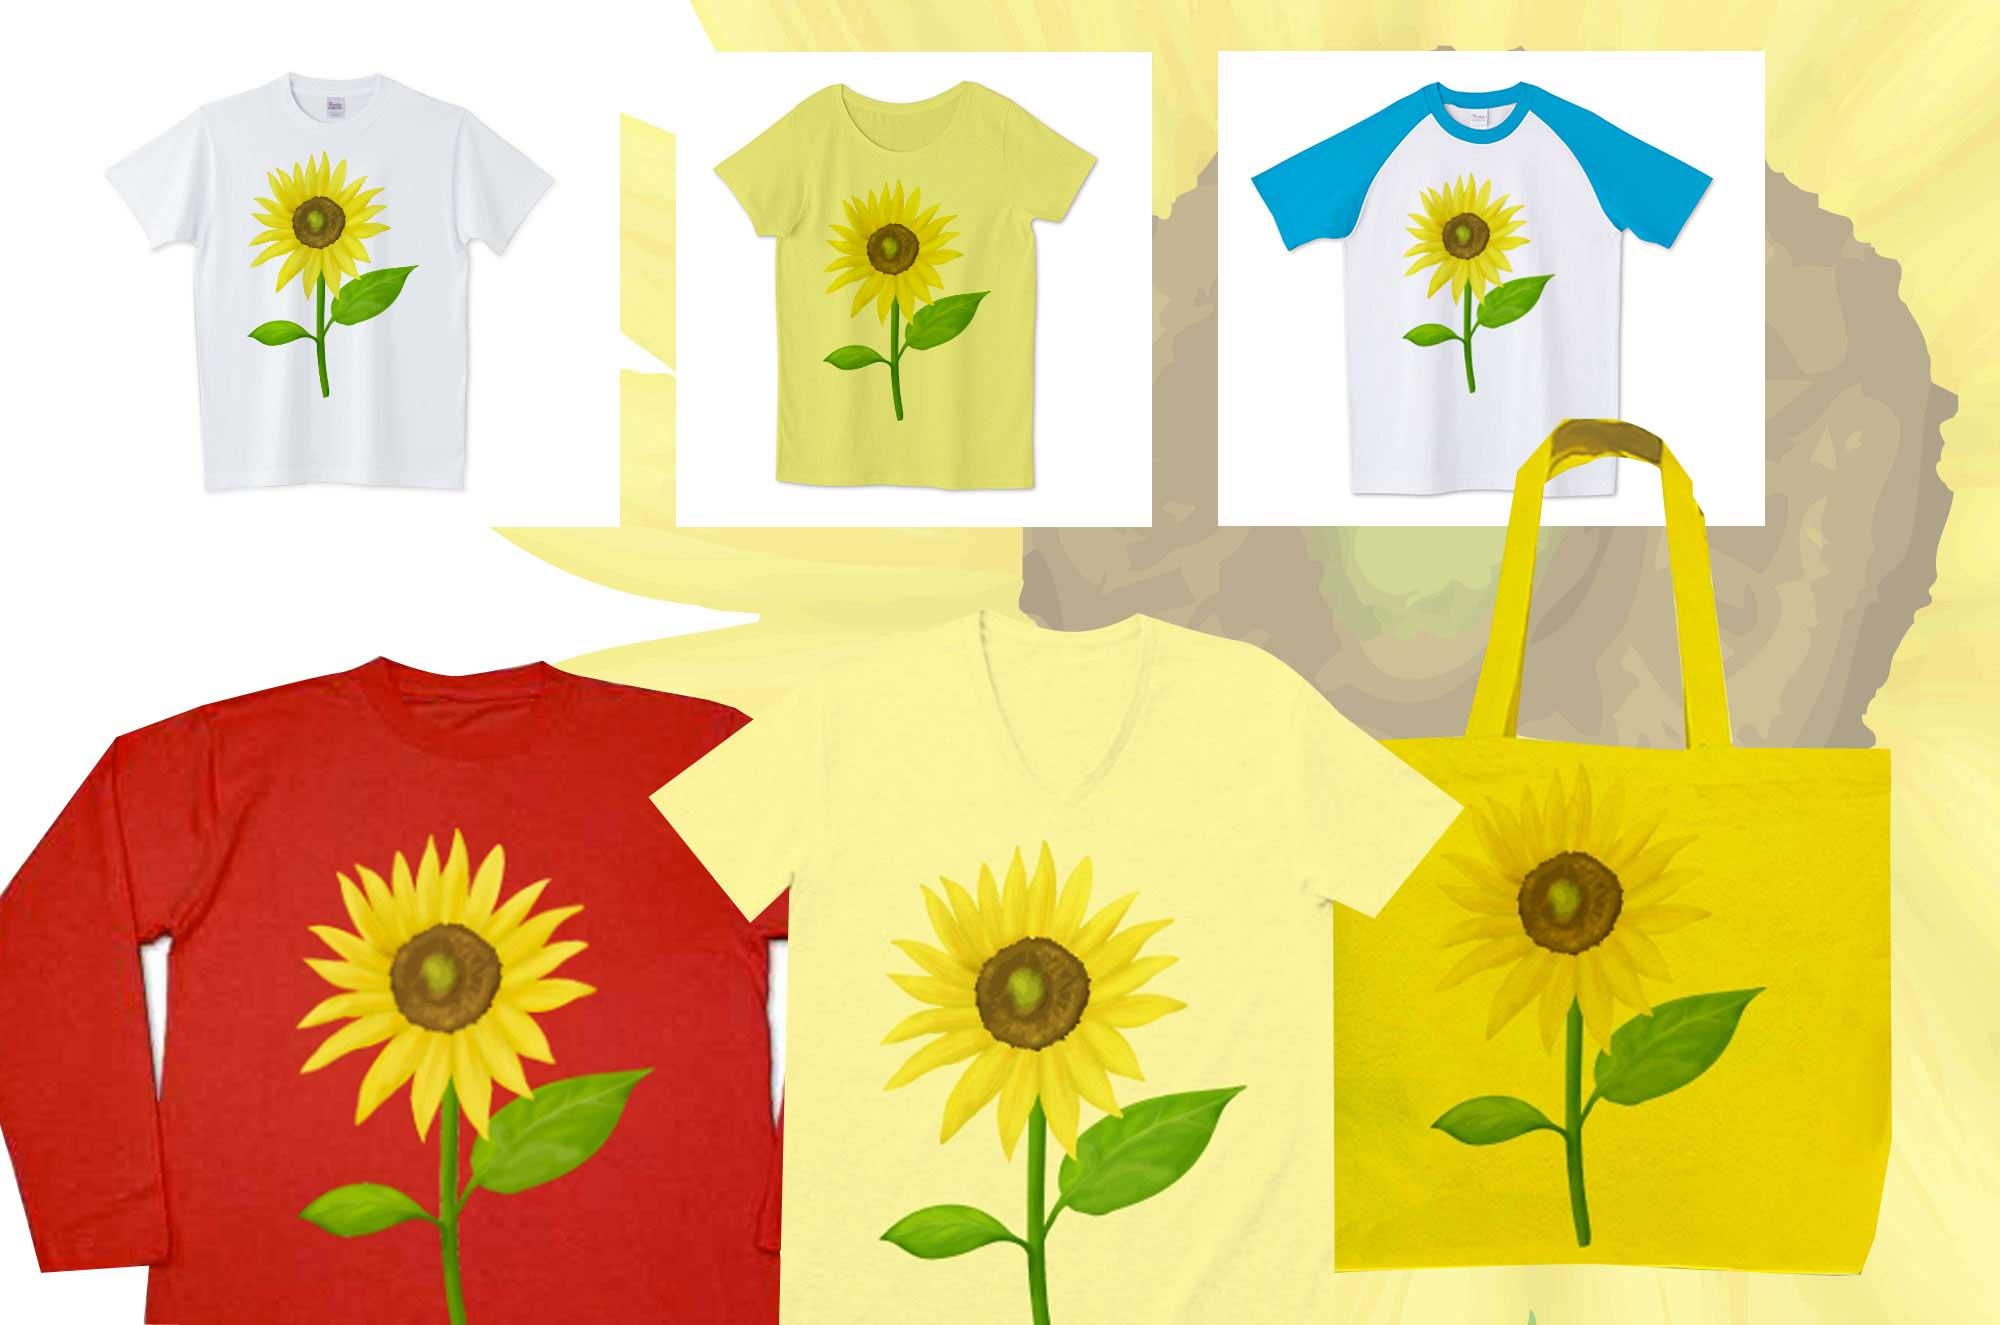 ひまわりTシャツ - 元気の象徴★オリジナルイラストグッズ